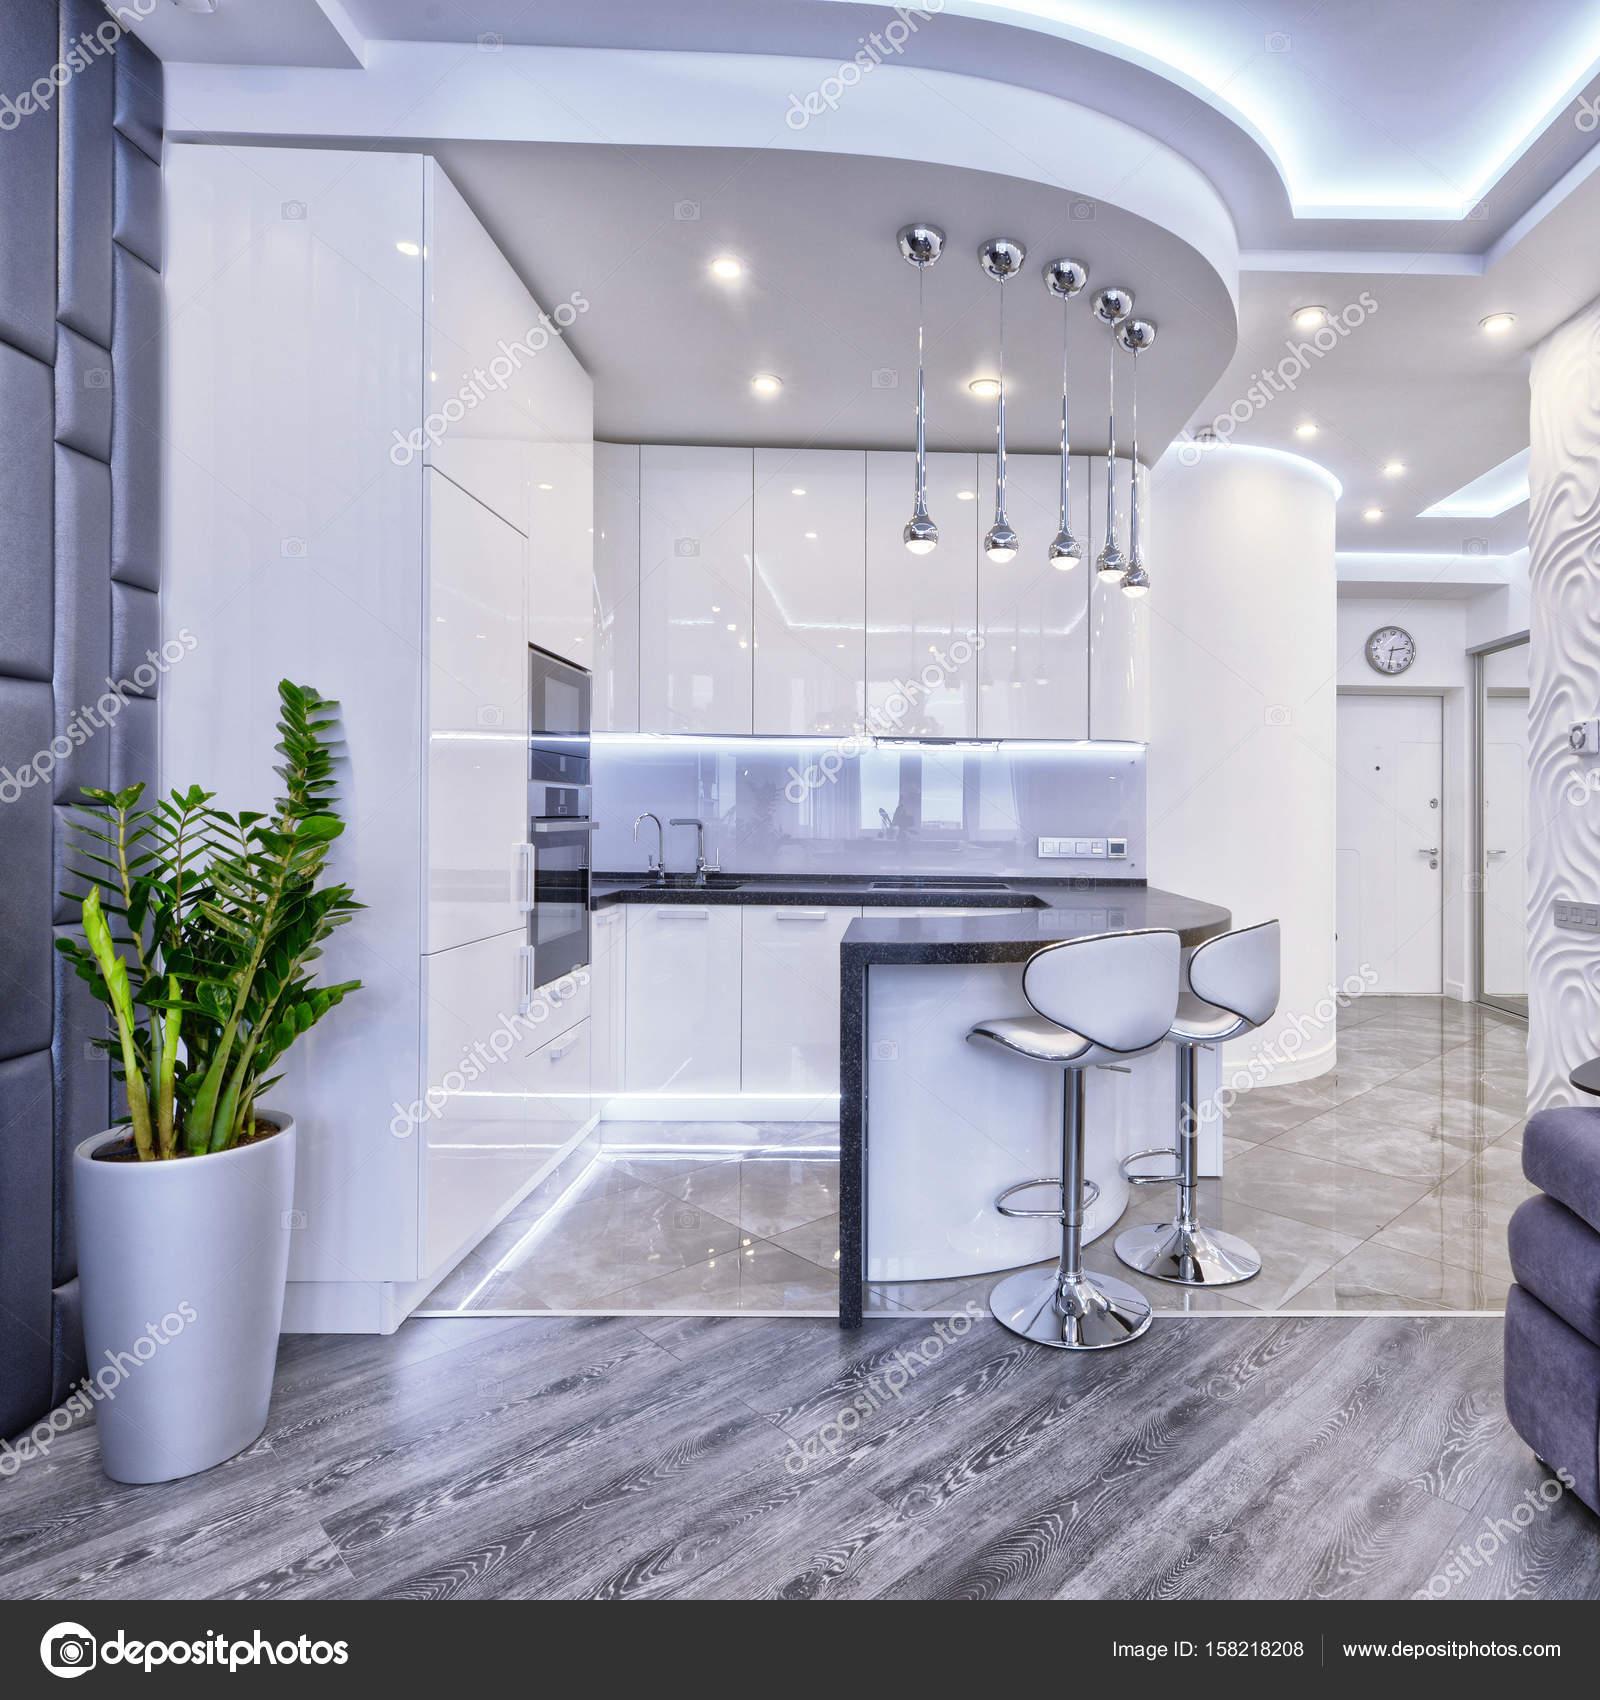 Cucina design moderno bianco in uno spazioso appartamento — Foto ...